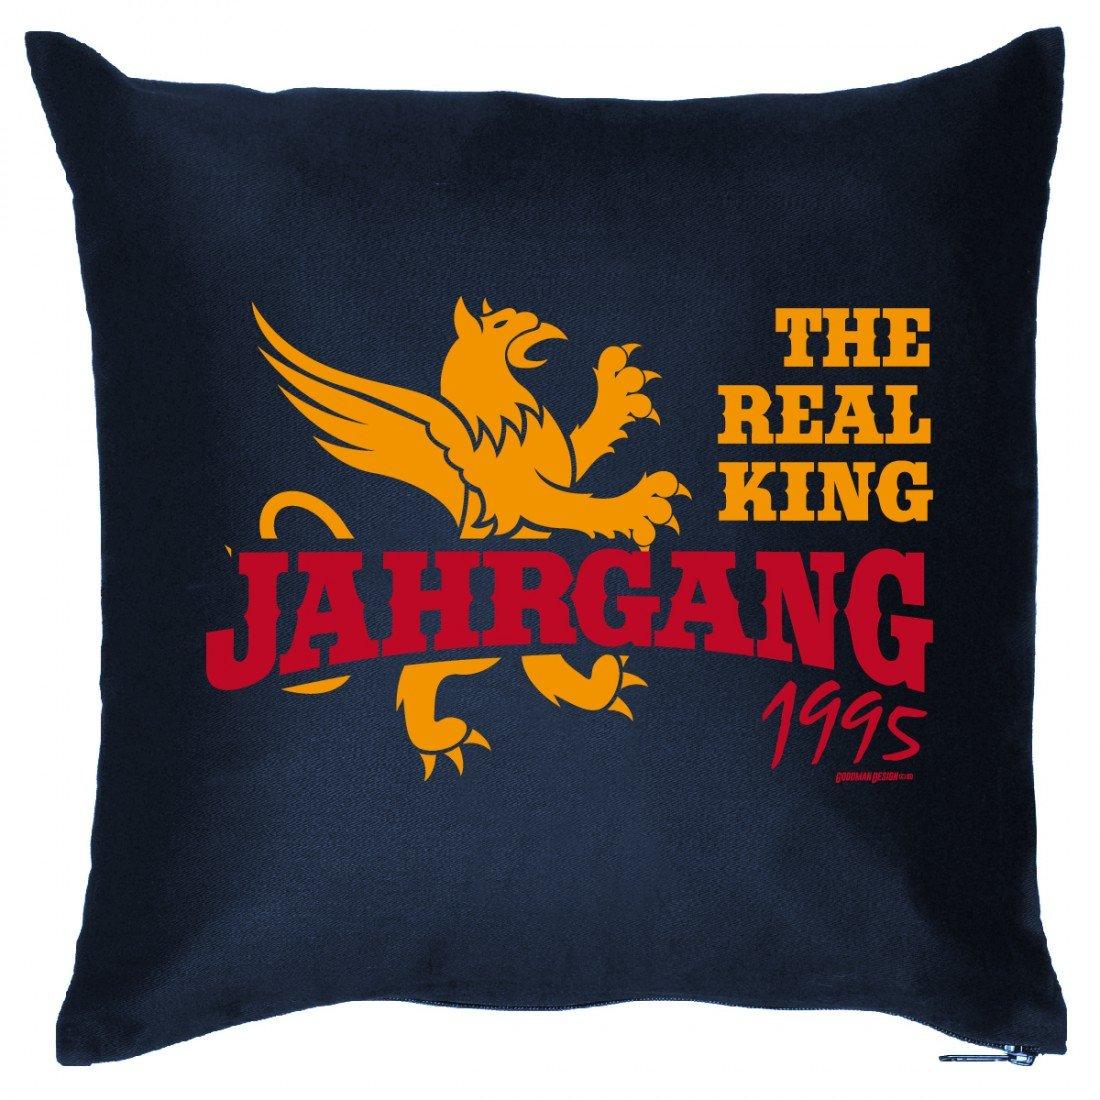 Cooles Couch Kissen zum Geburtstag – The real King Jahrgang 1995 – Sofakissen Wendekissen mit Spruch und Humor günstig bestellen